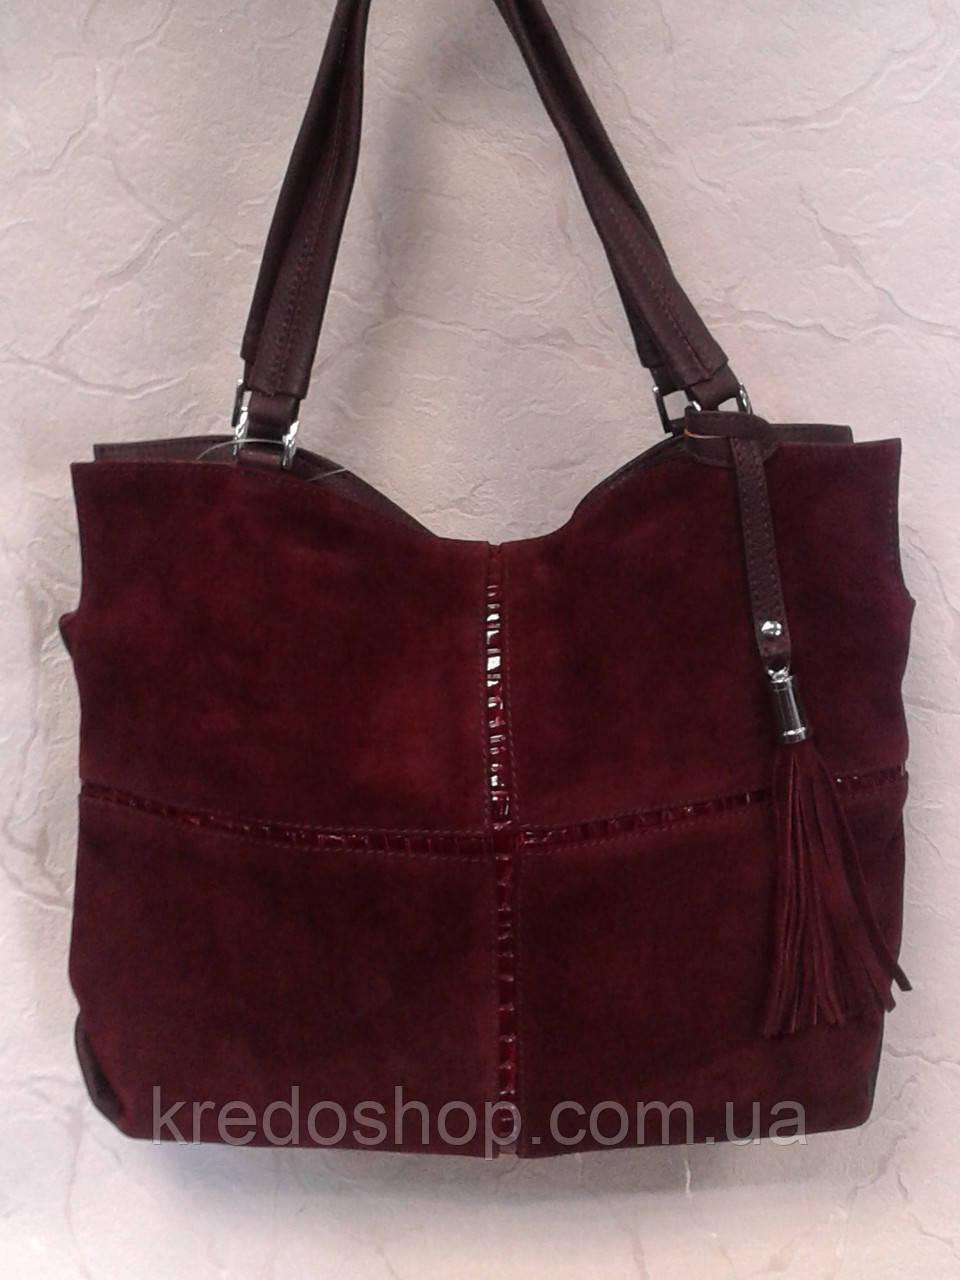 b91c63095cf3 Женская сумка замшевая стильная бордовая - Интернет-магазин сумок и  аксессуаров